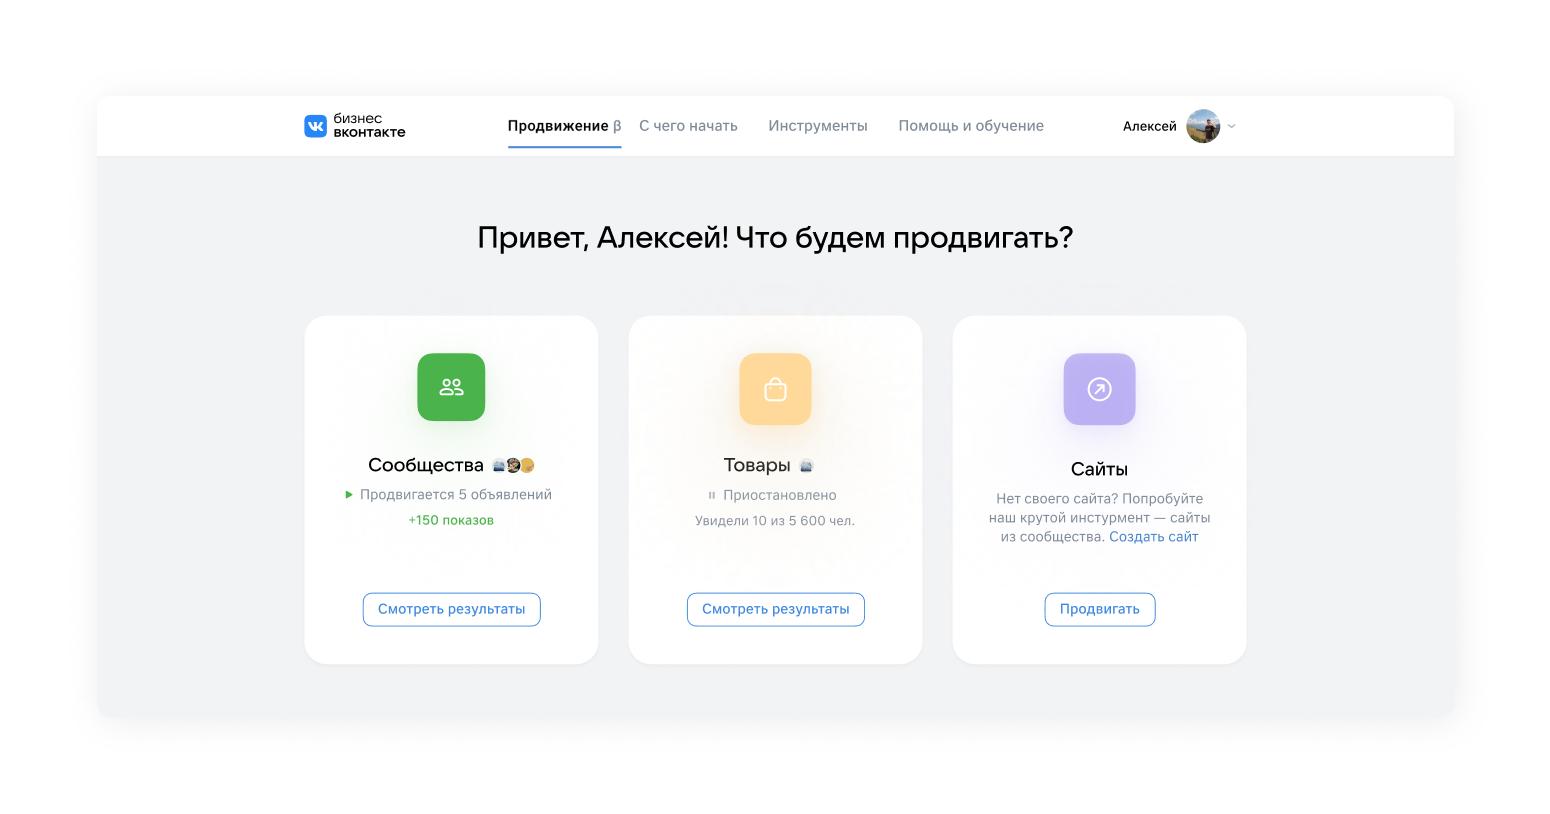 Бизнес ВКонтакте обновил платформу для предпринимателей